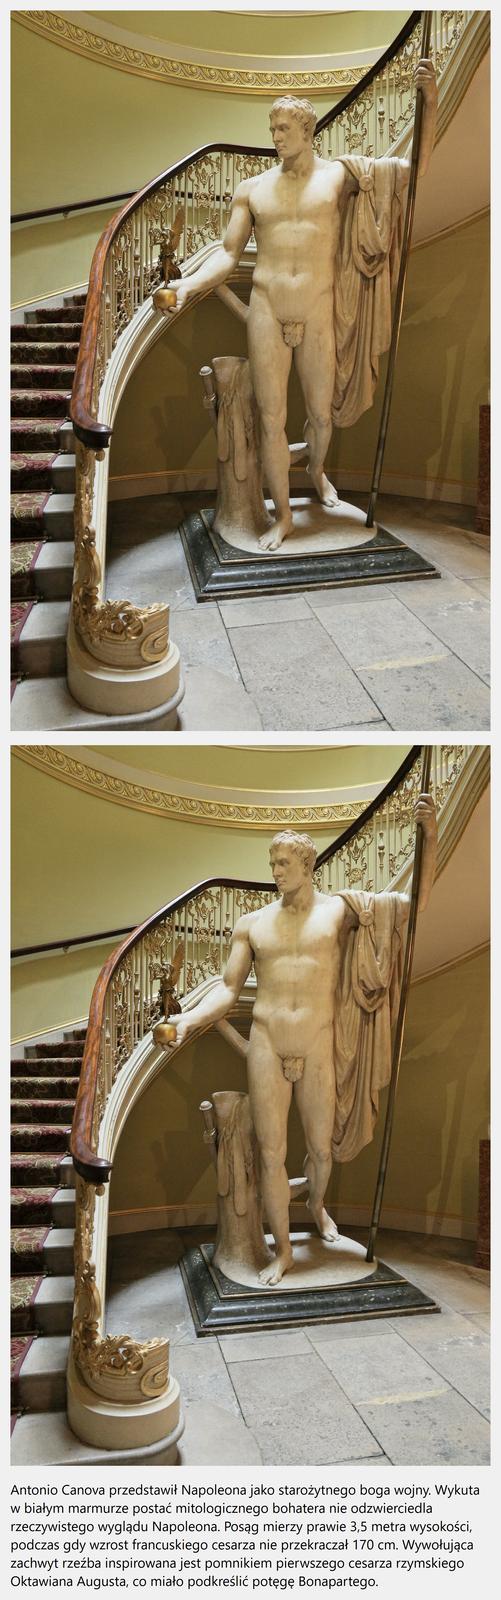 """Ilustracja interaktywna przedstawia dzieło Antonio Canova """"Napoleon jako Mars"""". Ukazuje Napoleona jako monumentalnego, stylizowanego na greckiego boga Marsa. Jest to akt wpostawie kontrapostu. Napoleon wprawej dłoni trzyma jabłko zpozłacaną boginią Nike. Na lewym ramieniu przerzucony ma płaszcz, awdłoni trzyma włócznie. Na ilustracji umieszczony jest niebieski kwadrat zliterą """"i"""". Po odwróceniu ilustracji ukazuje się ta sama rzeźba zinformacją:"""